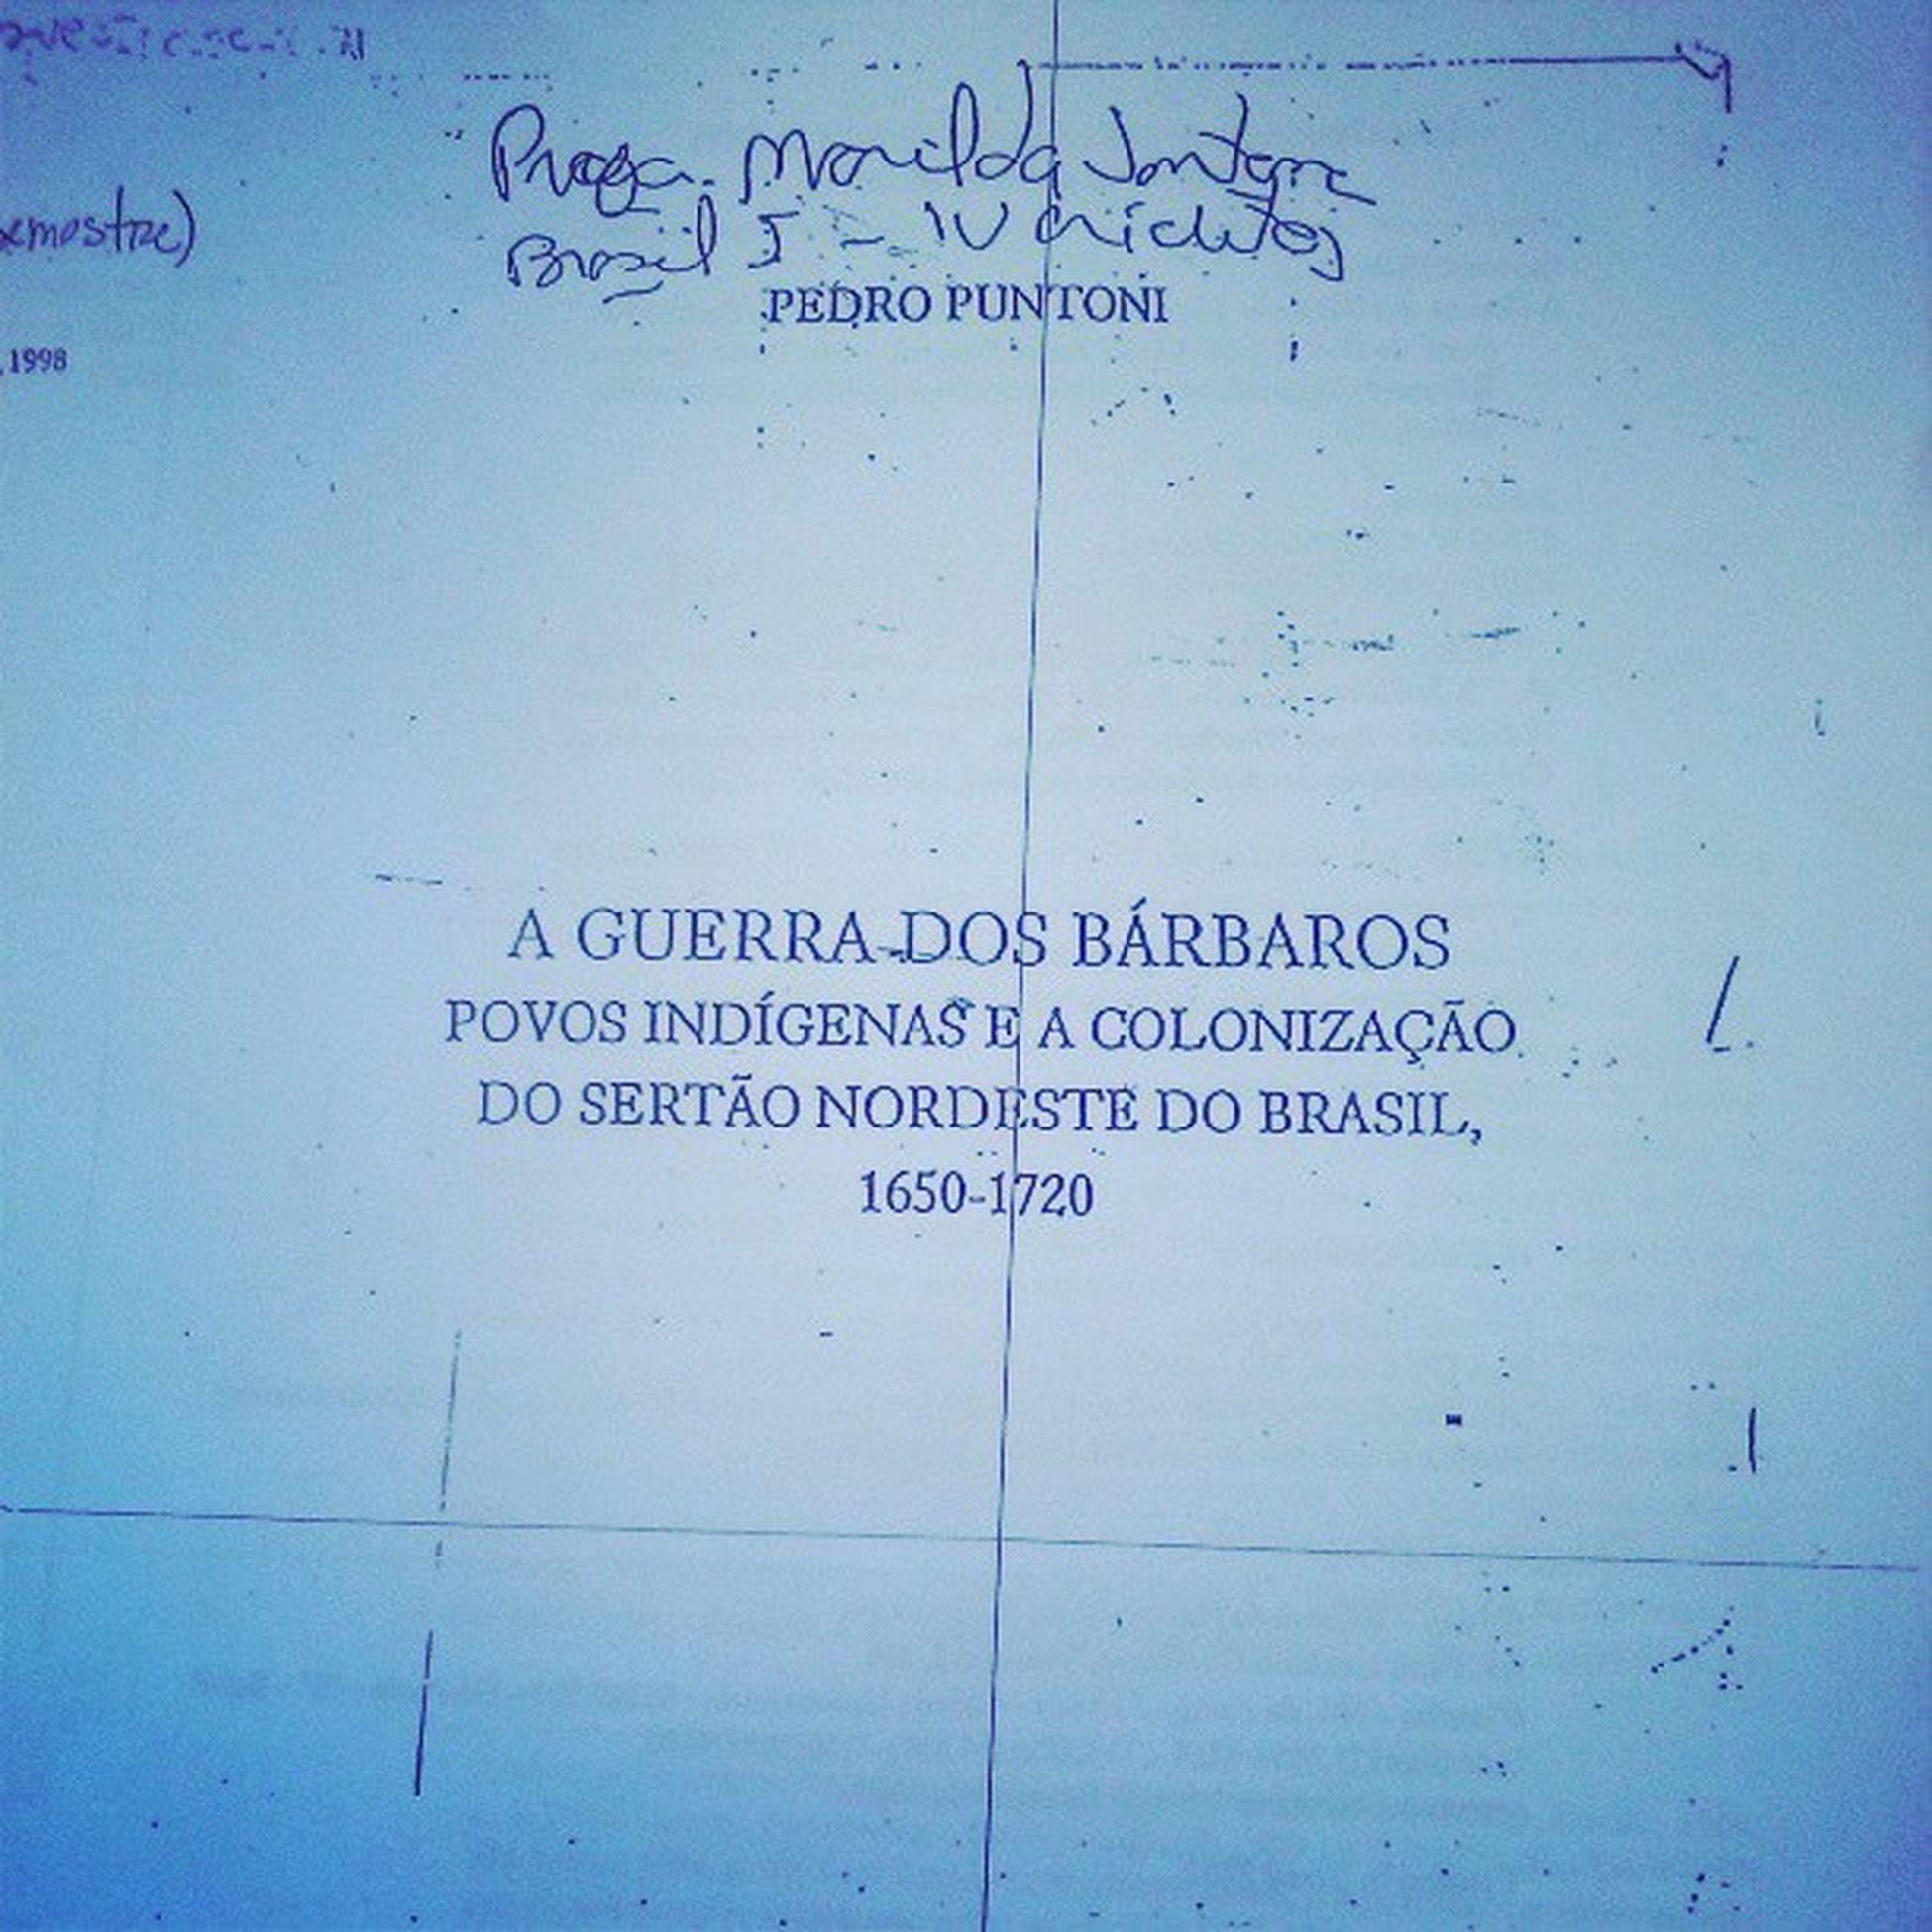 Quem vem curtir comigo esse domingão? HUEHUEHUEHUE Domingo Leitura Apostila Nordeste  colonização brasil brasilI boatarde goodafternoon força coragem UFC